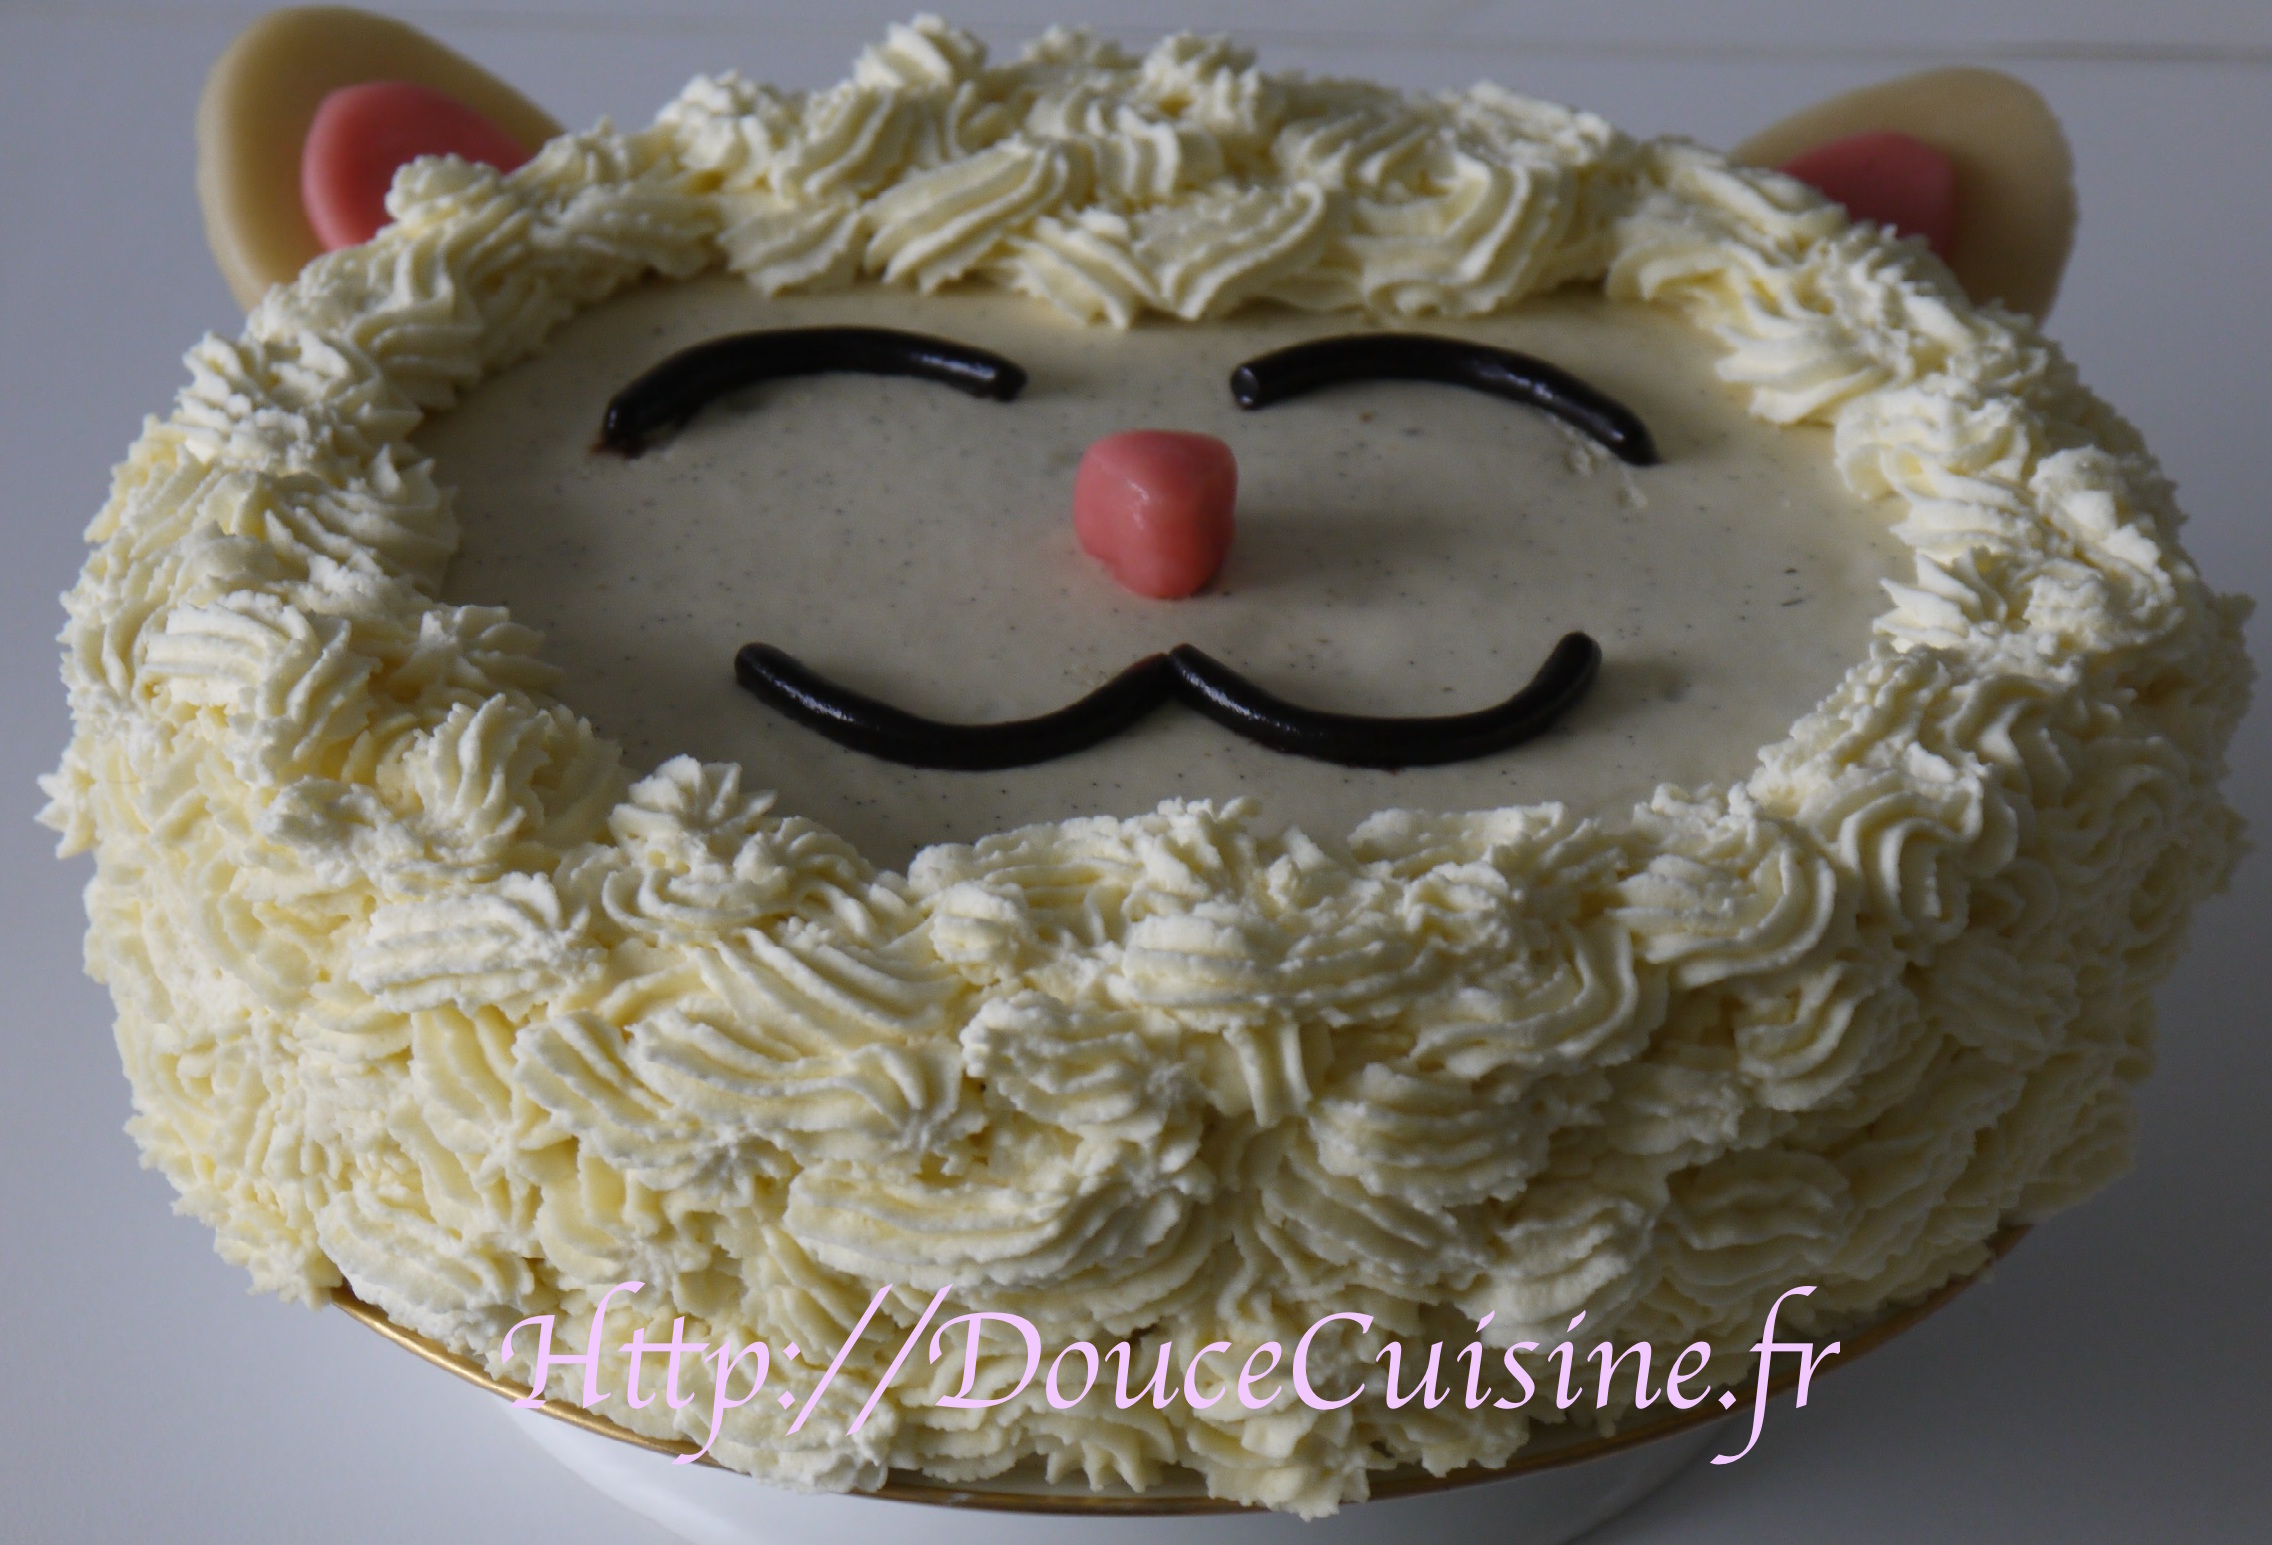 Sponge Cake Et Sa Ganache Montee A La Vanille Douce Cuisine